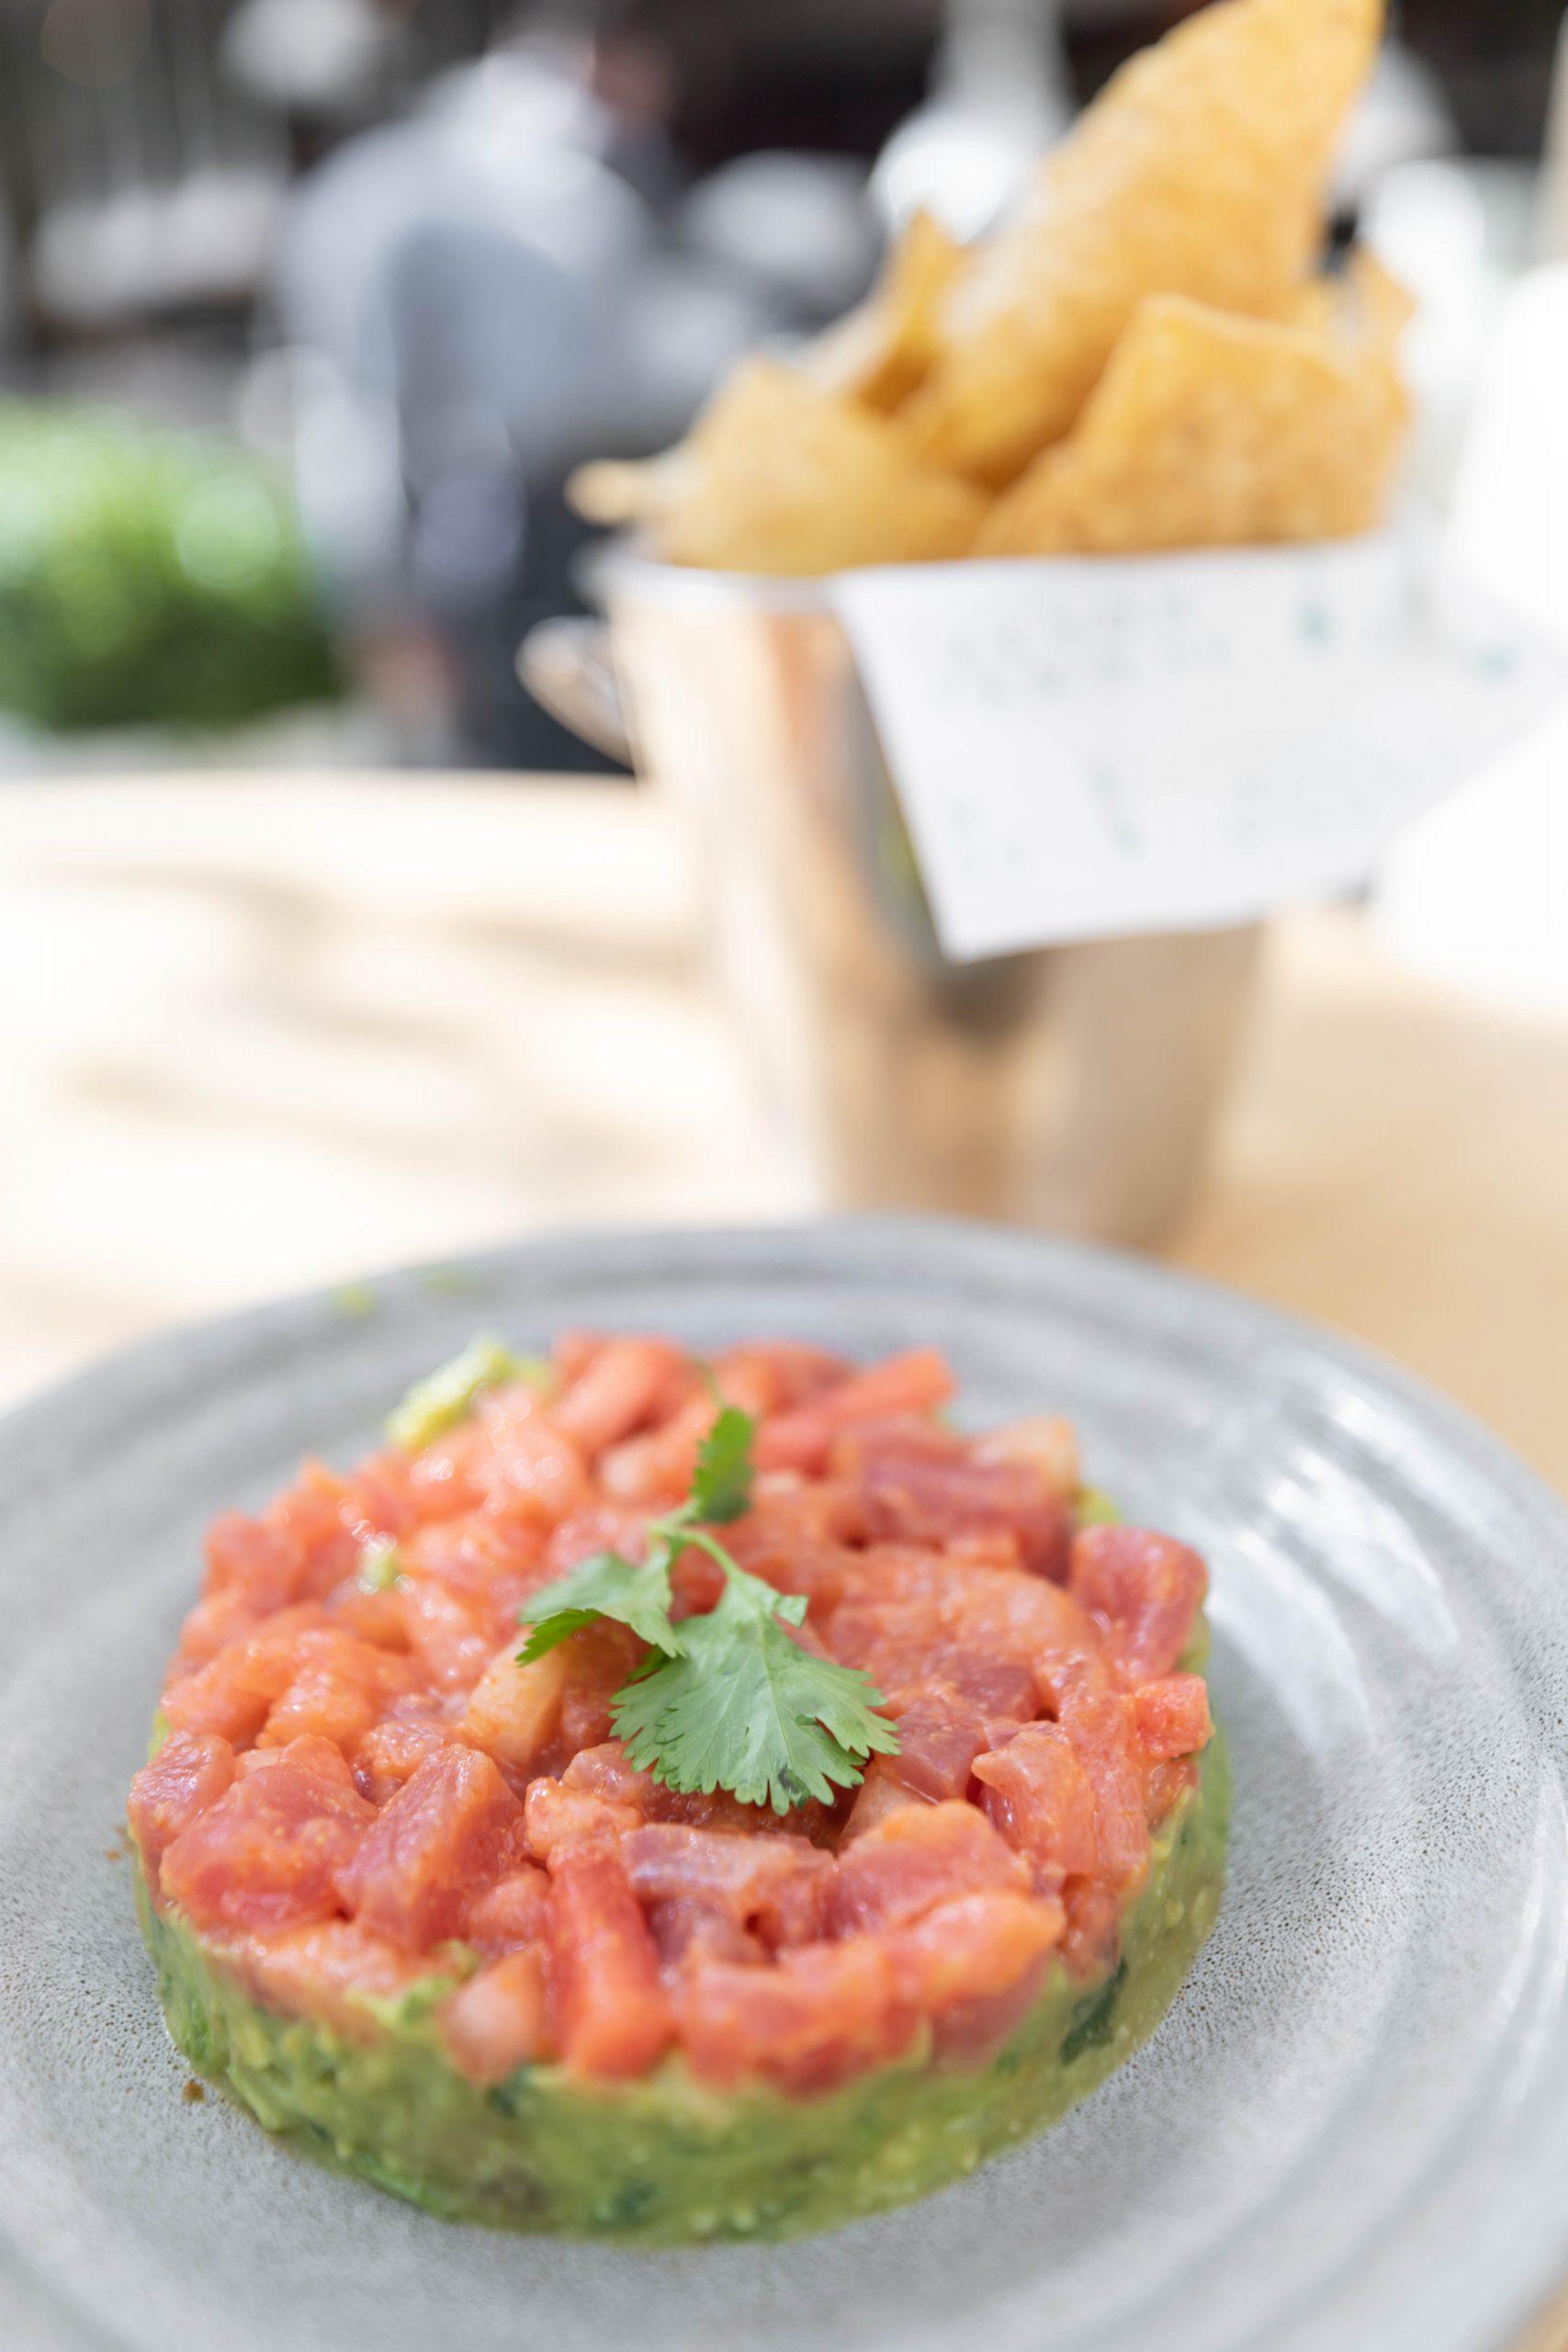 Tuna & Watermelon Tartare Summer House Santa Monica Vegan Friendly Gluten Free Restaurant in Chicago, Illinois Gold Coast by Annie Fairfax